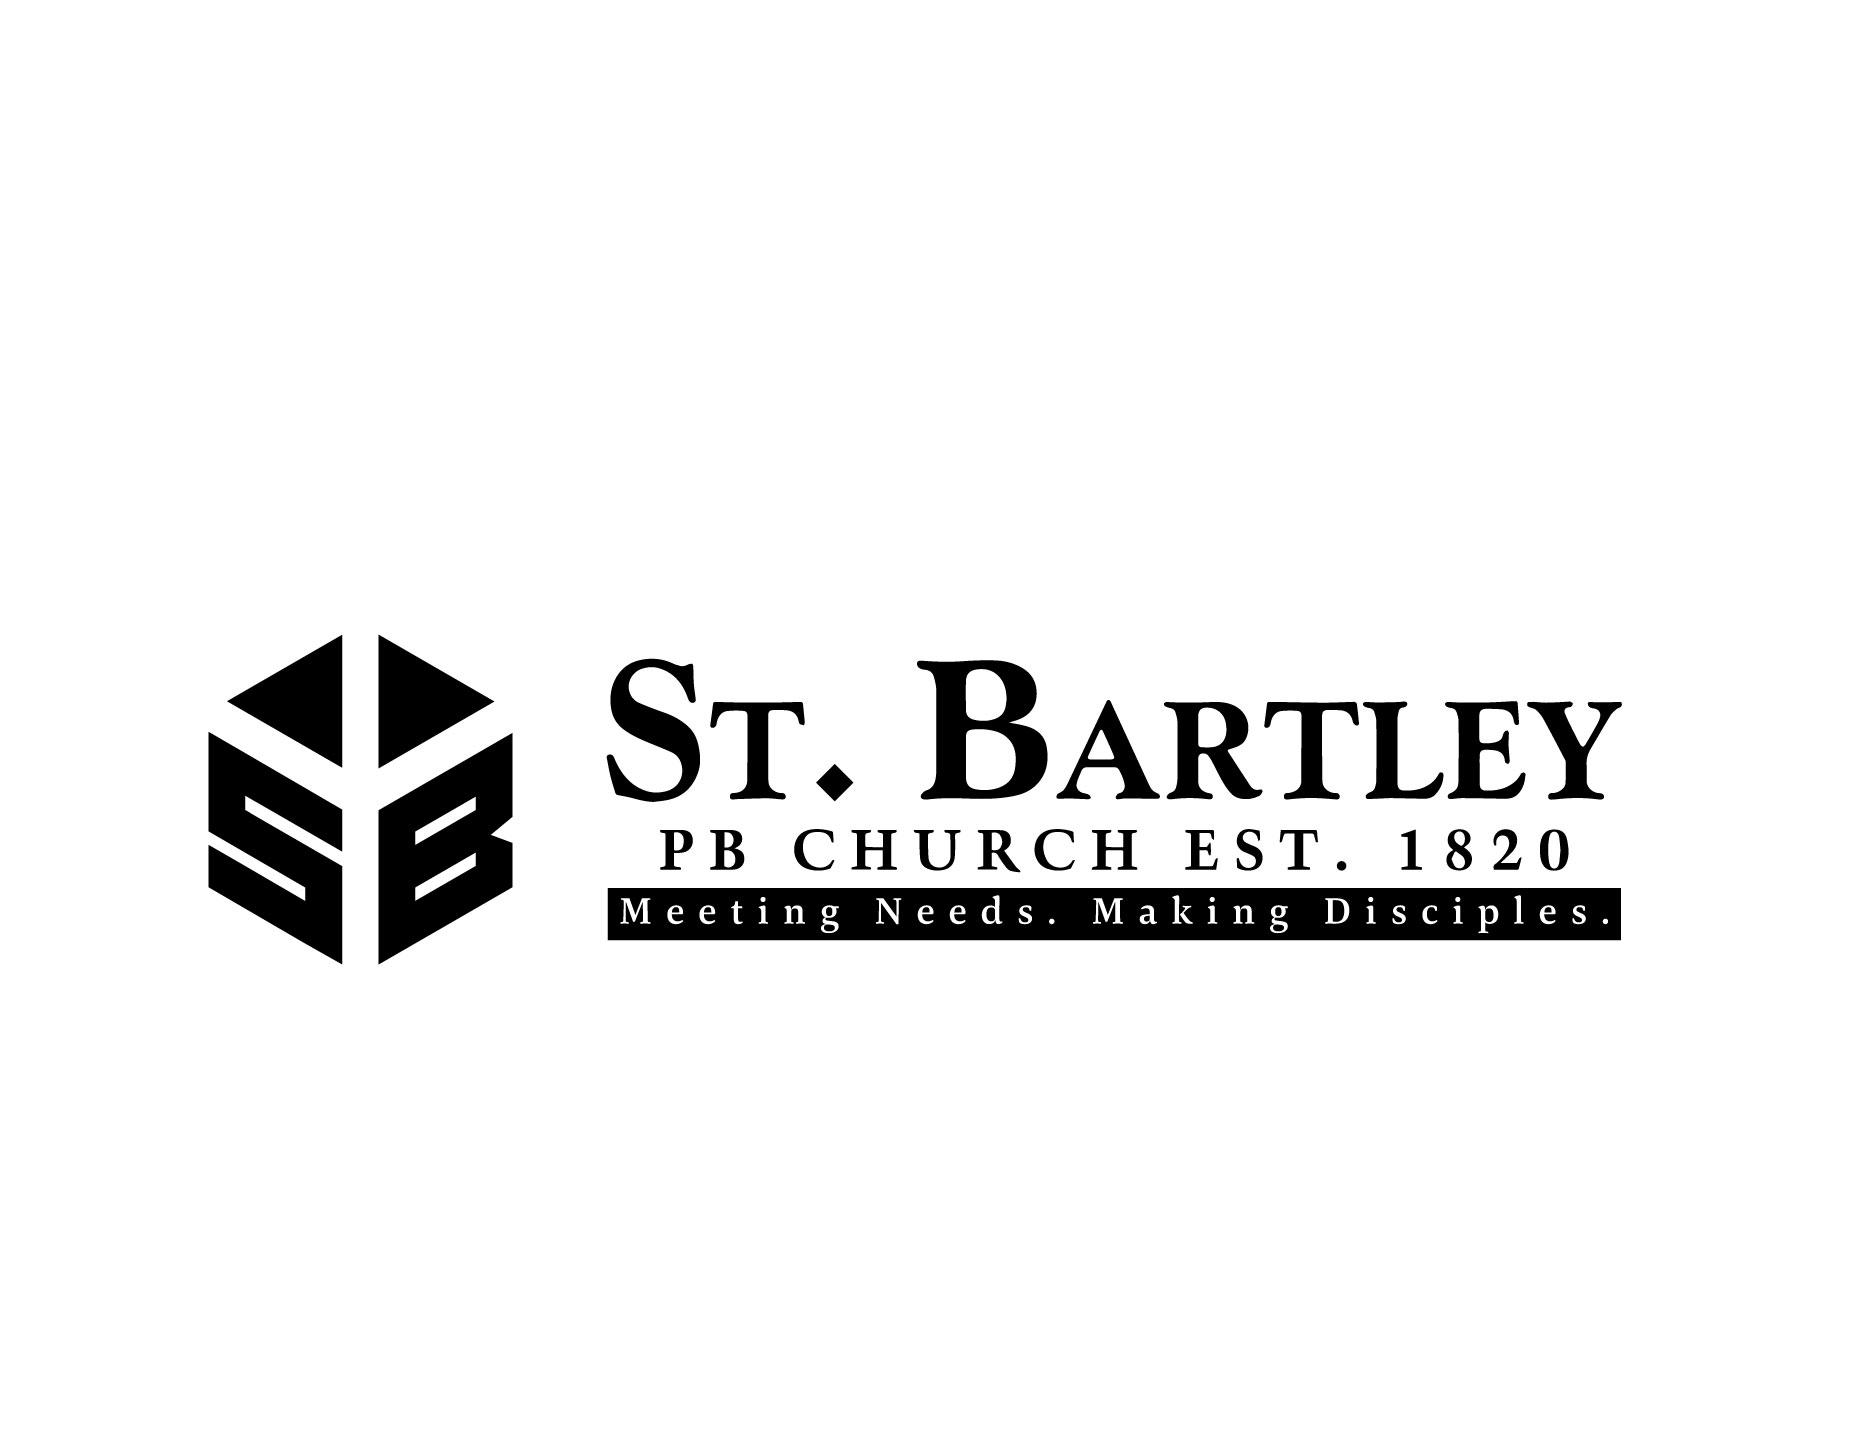 ST-BARTLEY-WHITE-BACKG.jpg